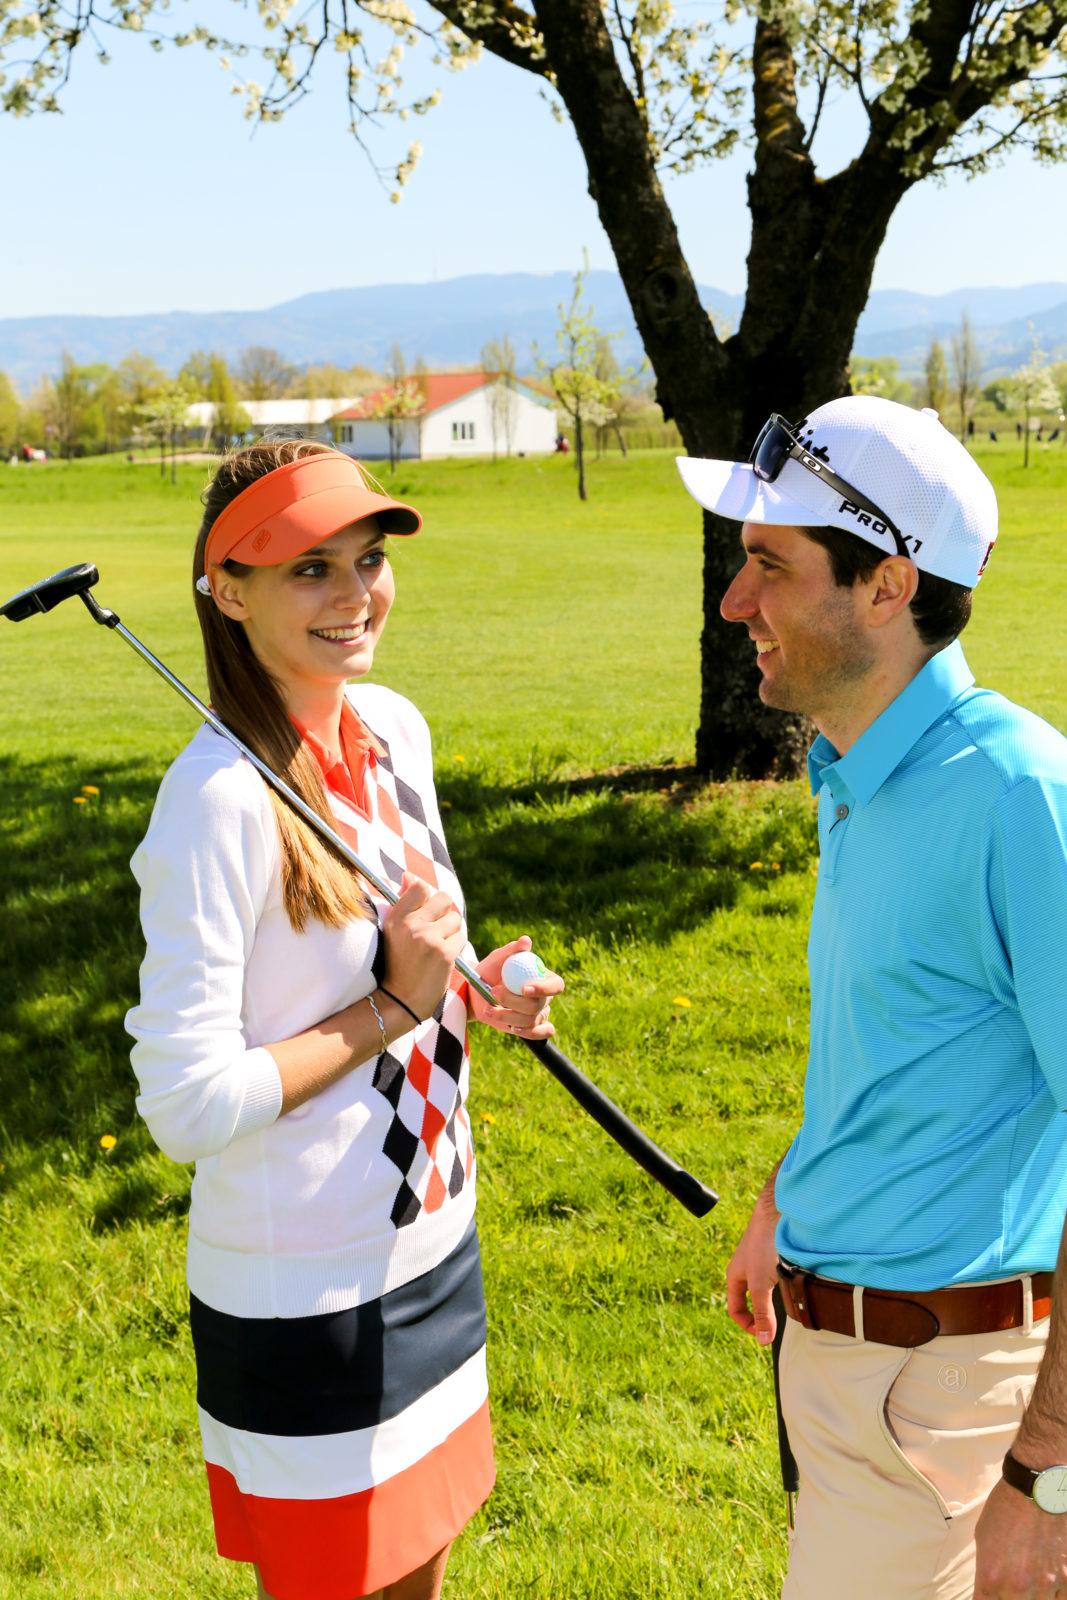 """Actor: Golfsport, On Location Urloffen , Client: GC Urloffen Title: """"Golf 2015"""""""